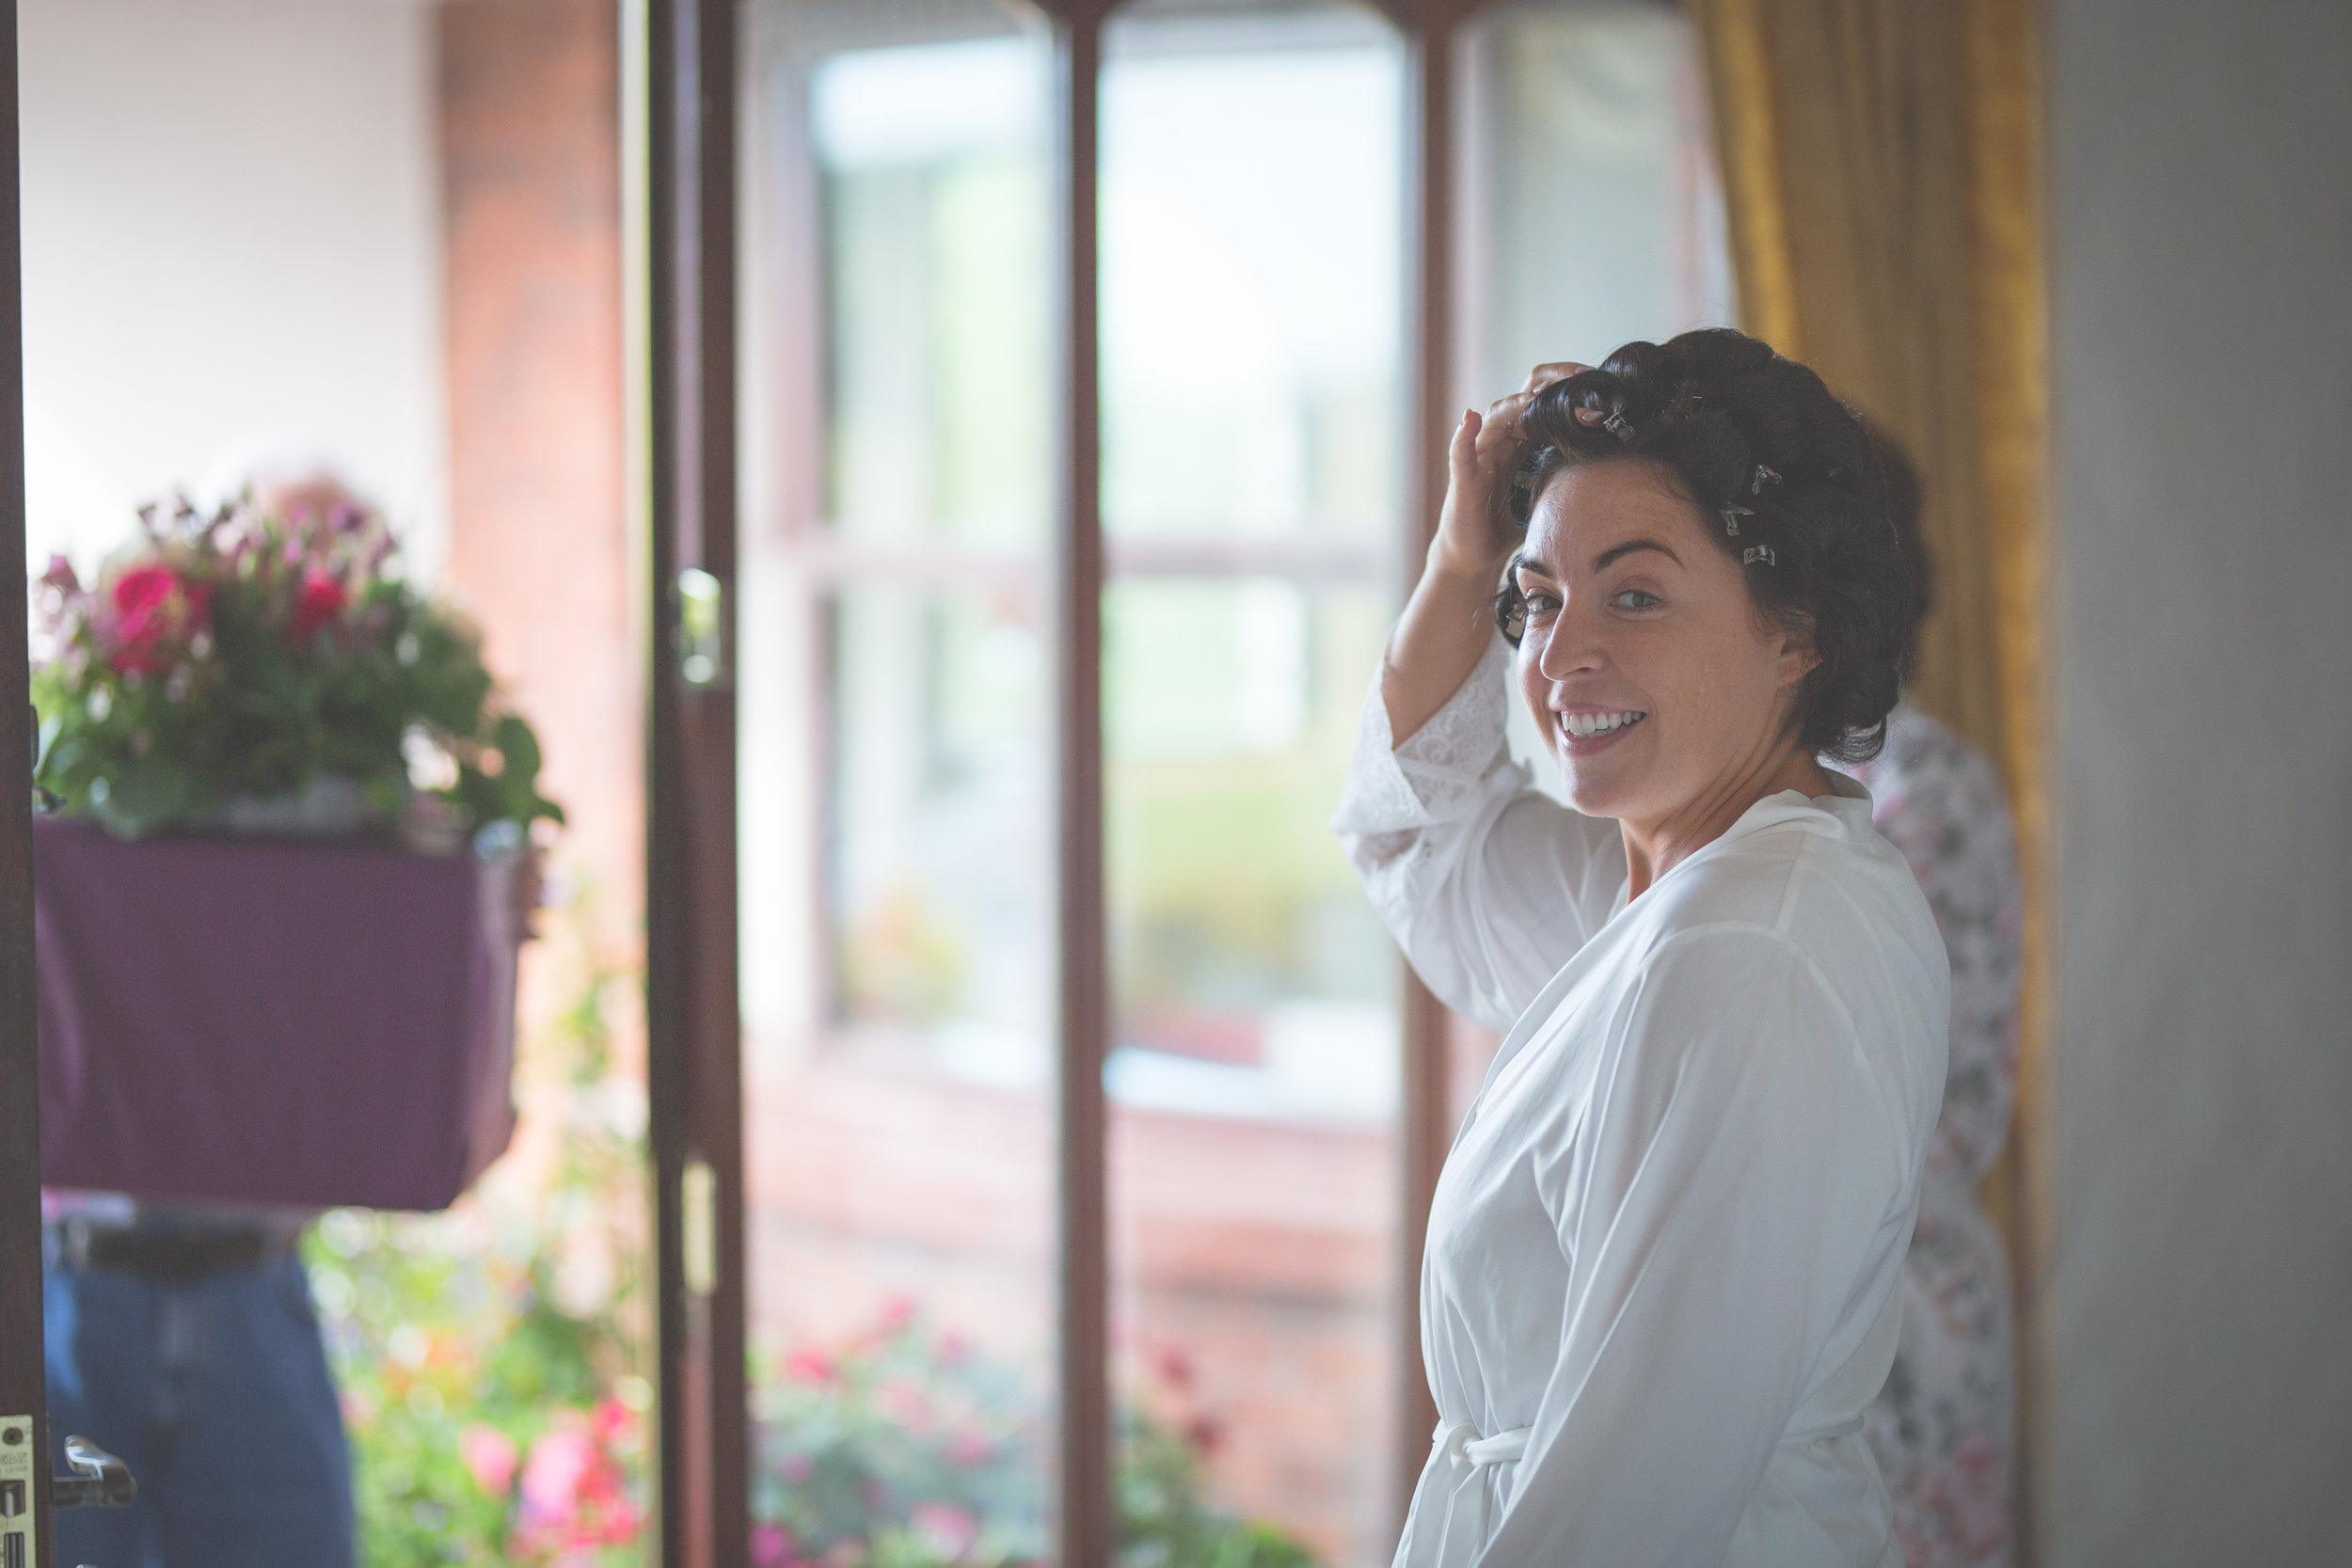 Brian McEwan Wedding Photography | Carol-Anne & Sean | Bridal Preparations-56.jpg